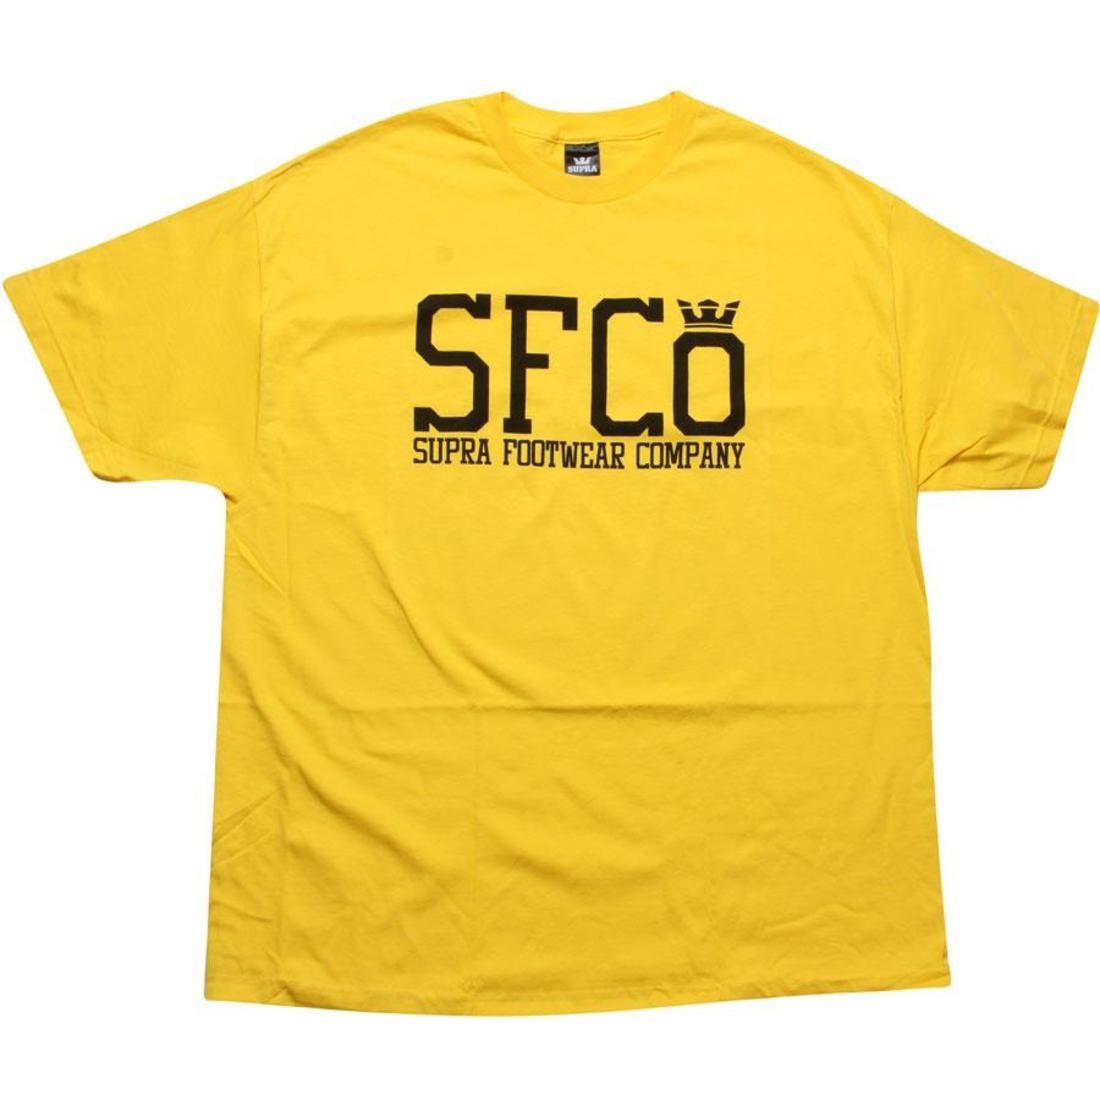 SUPRA スープラ Tシャツ 黄色 イエロー 黒 ブラック 【 SUPRA YELLOW BLACK SFCO TEE 】 メンズファッション トップス Tシャツ カットソー